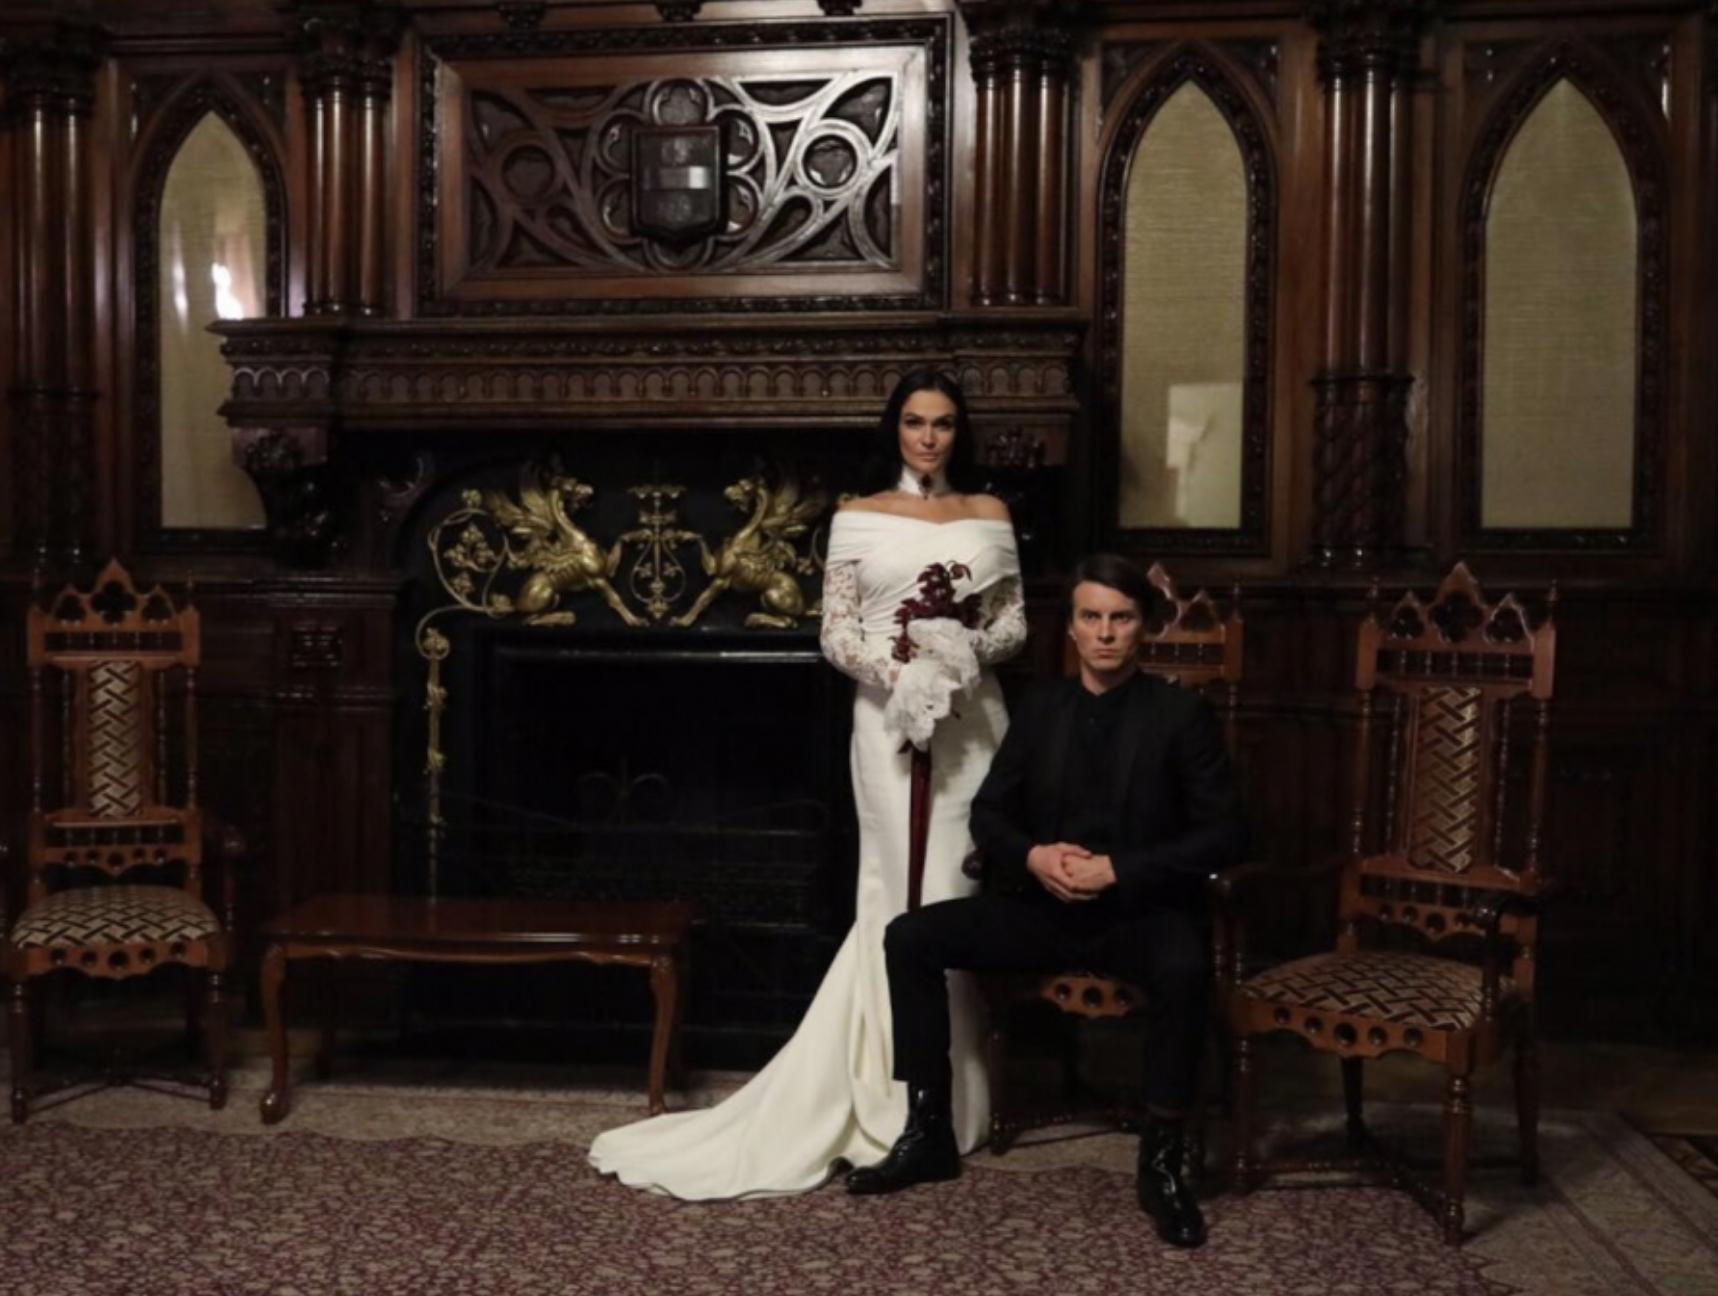 водонаева алена вышла замуж фото ничего оставляет